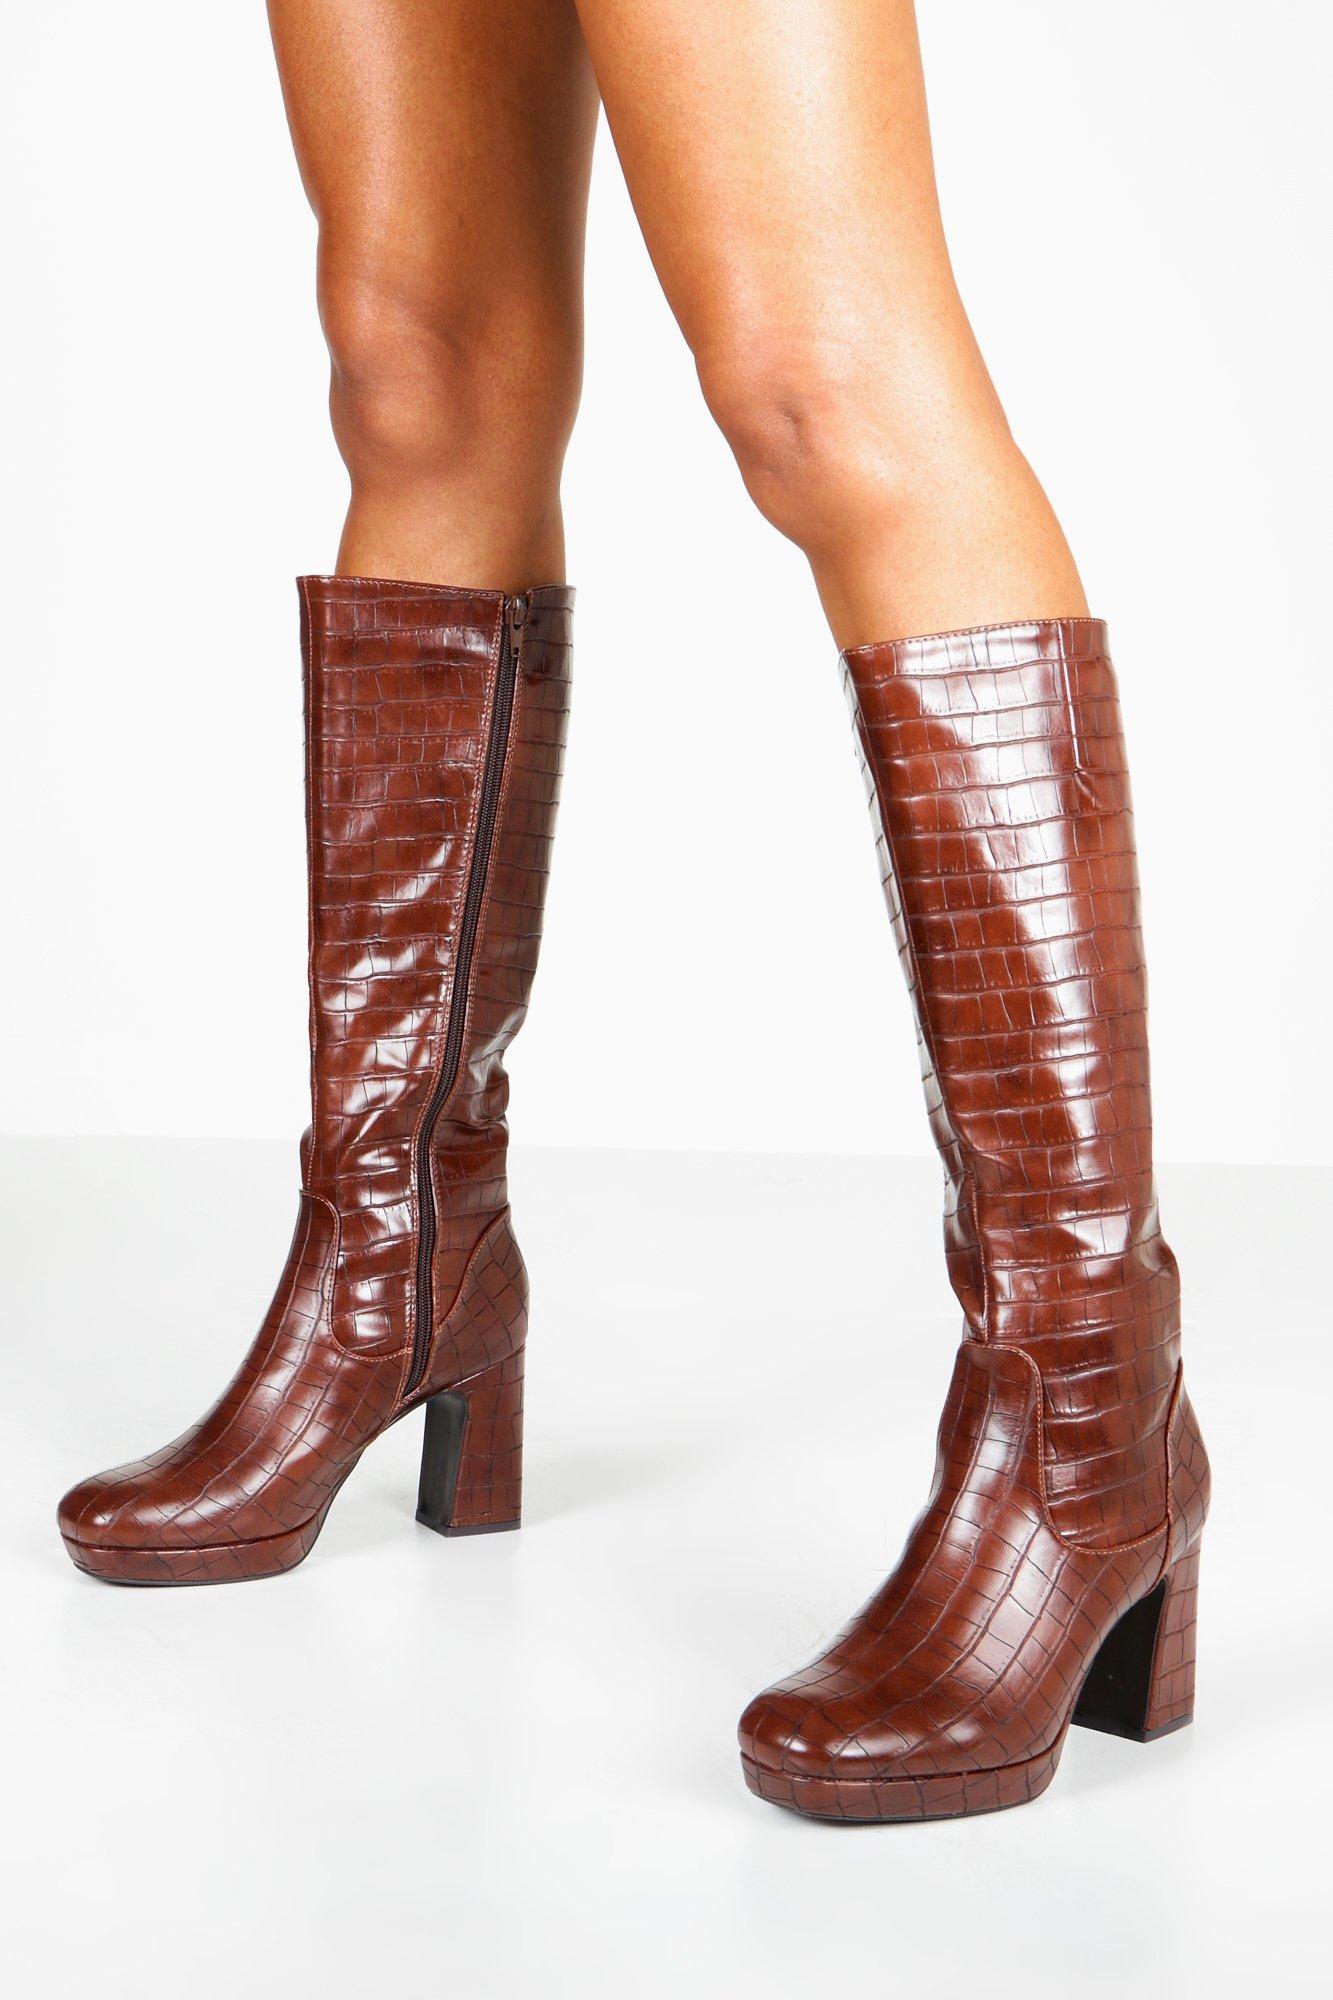 Stivali alti al ginocchio effetto coccodrillo con plateau e tacco largo   boohoo